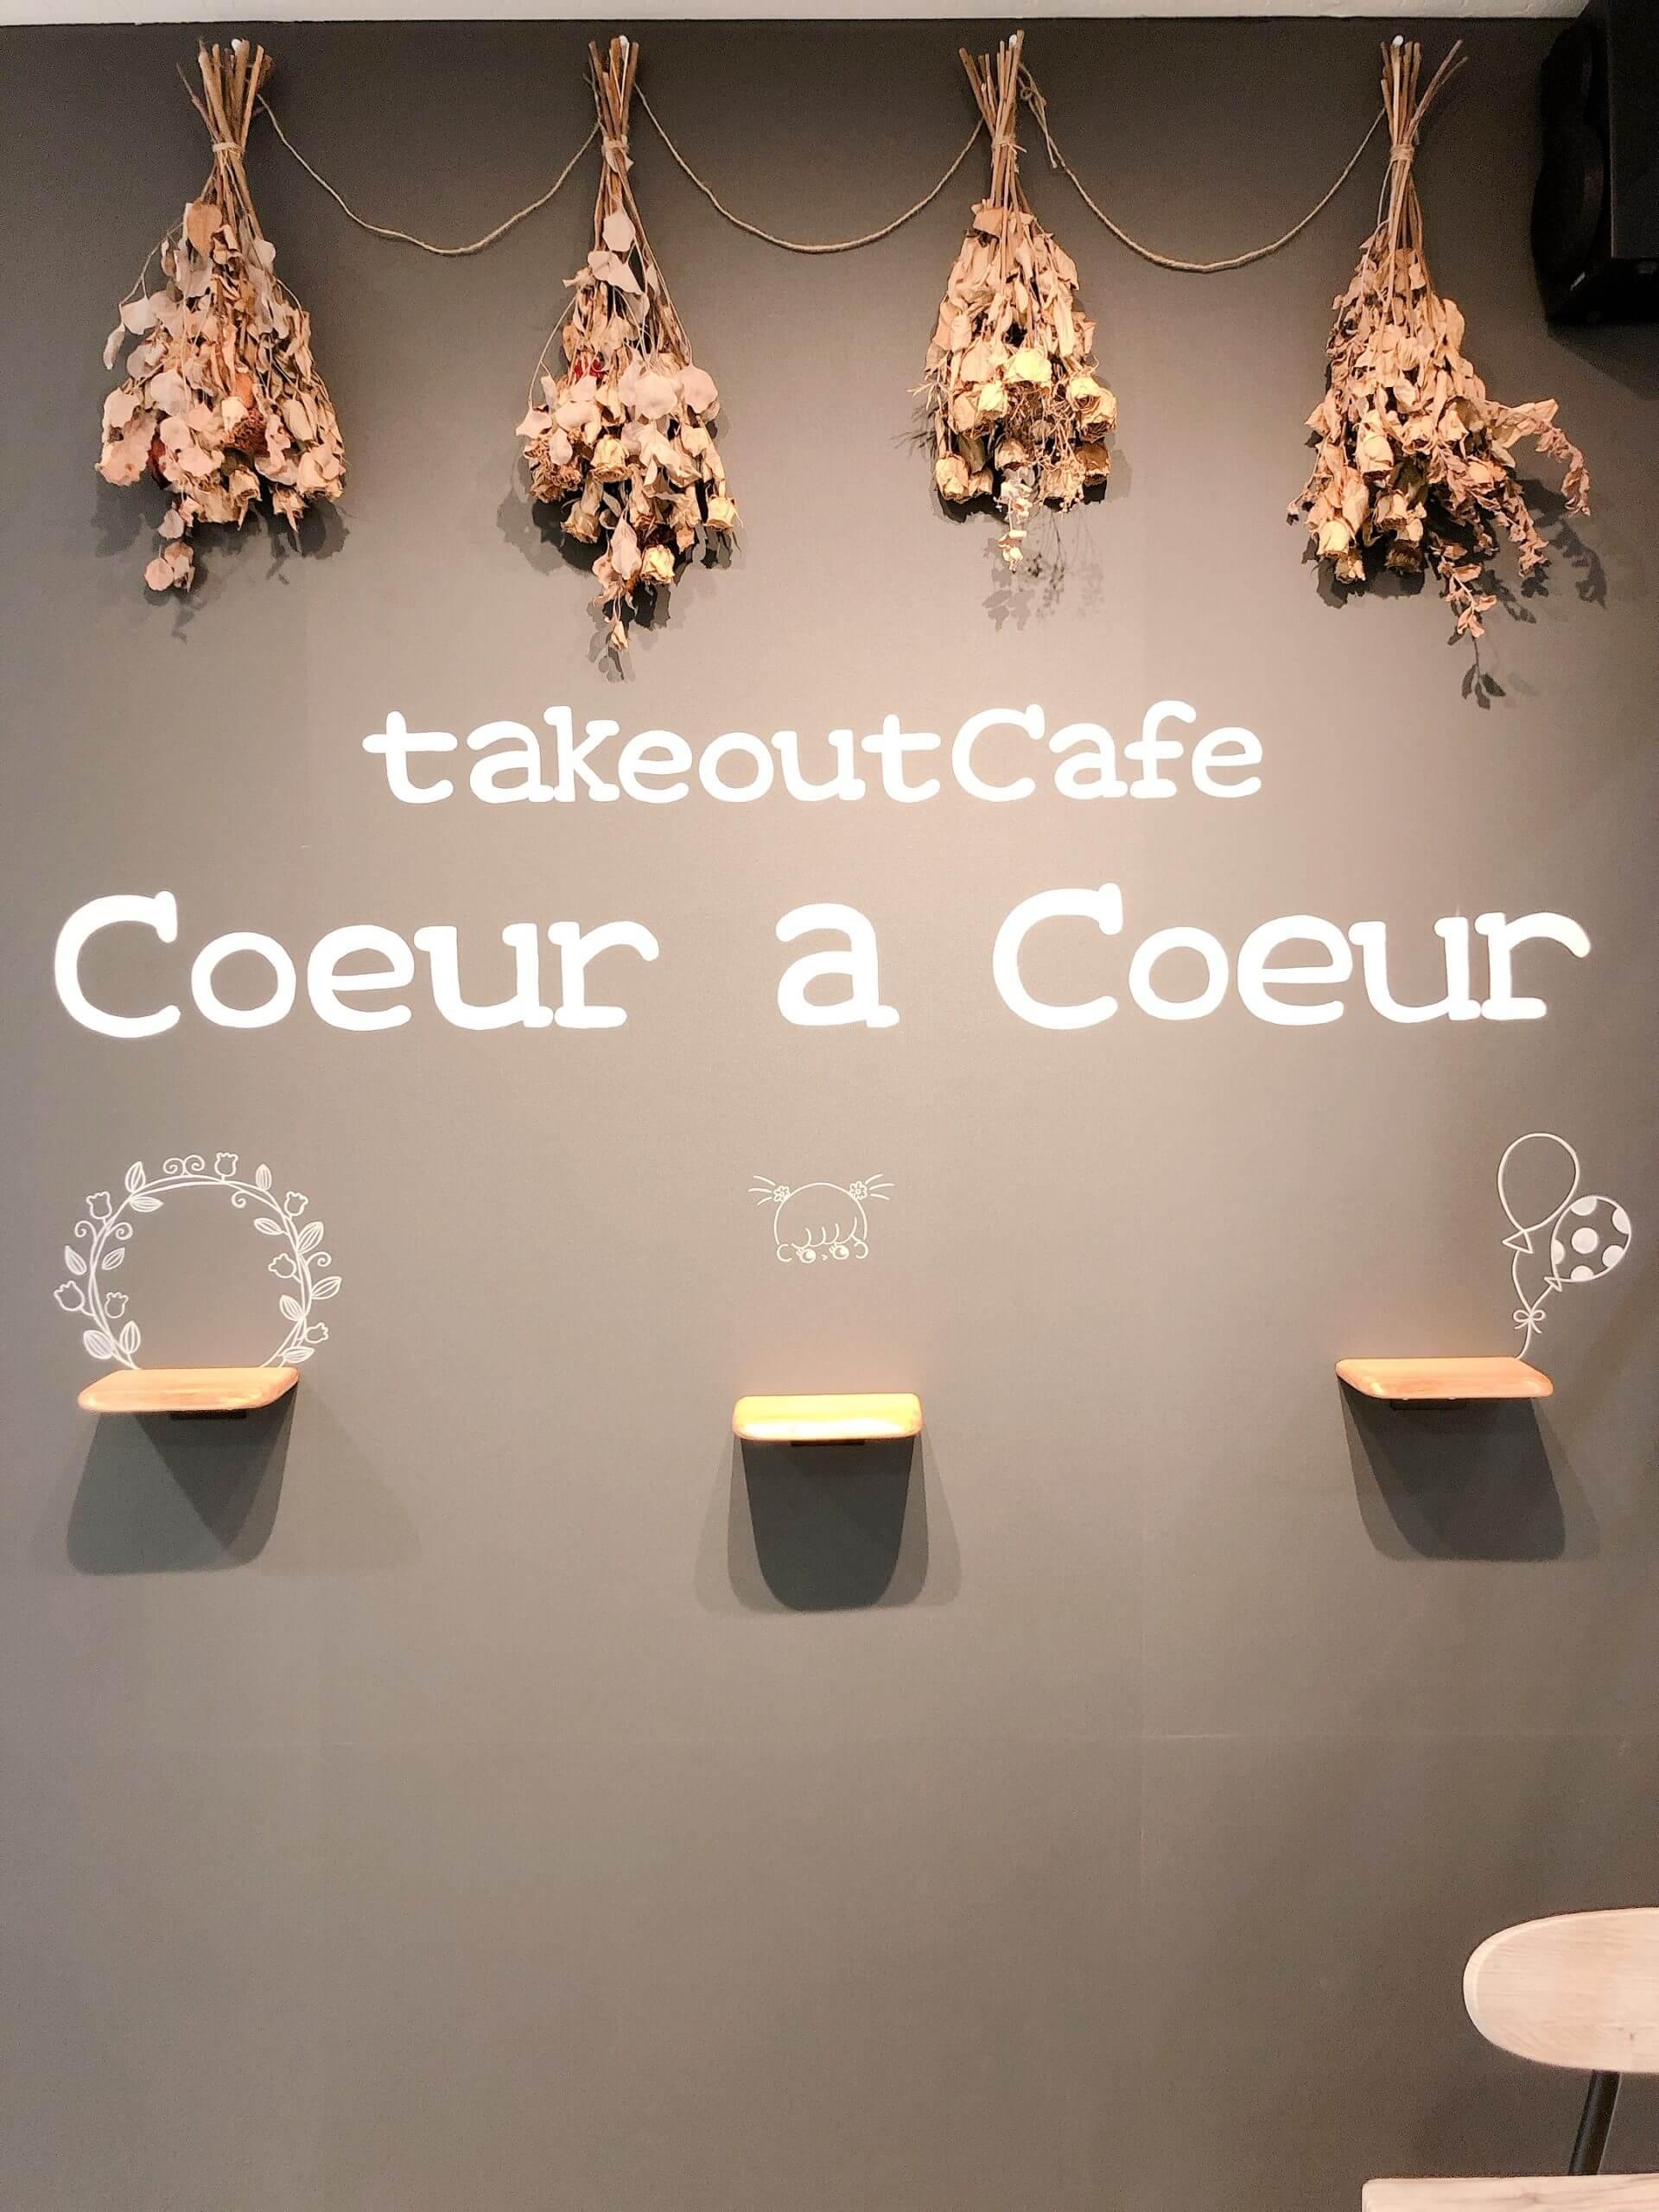 【Coeur a Coeur(クールアクール)】 可愛いインスタ映えスポットがあるテイクアウト可能なドリンクメニューやワッフル専門店♬《熊本県玉名市中》